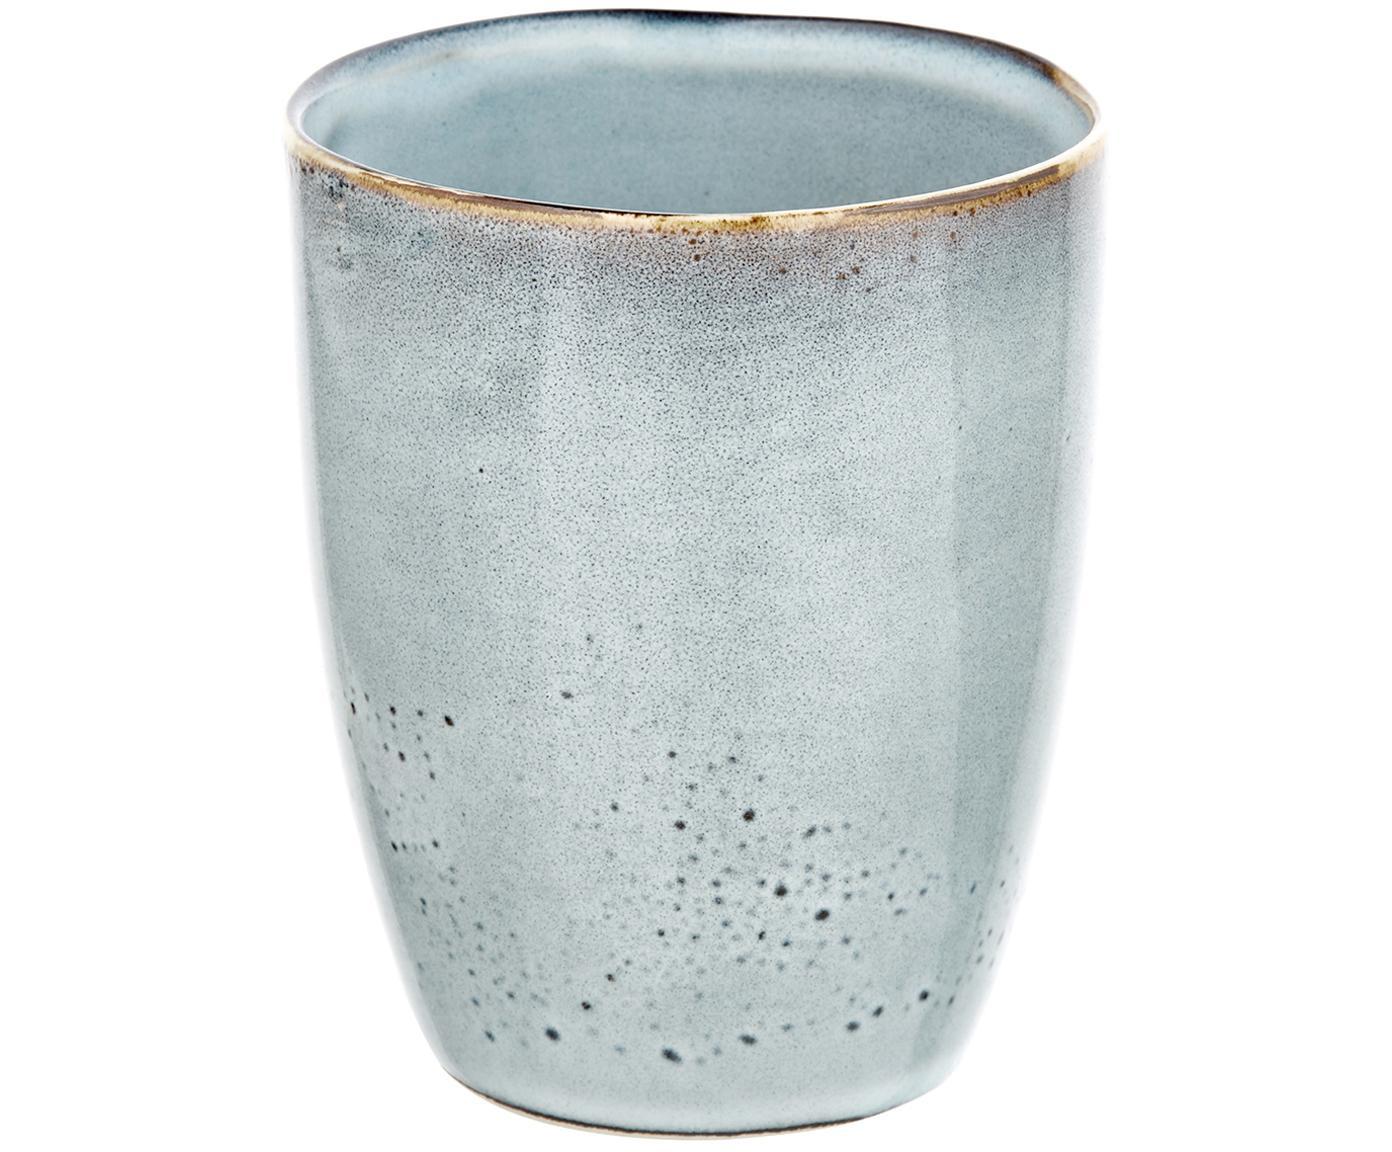 Handgemachte Becher Thalia, 2 Stück, Steinzeug, Blaugrau mit dunklem Rand, Ø 9 x H 11 cm